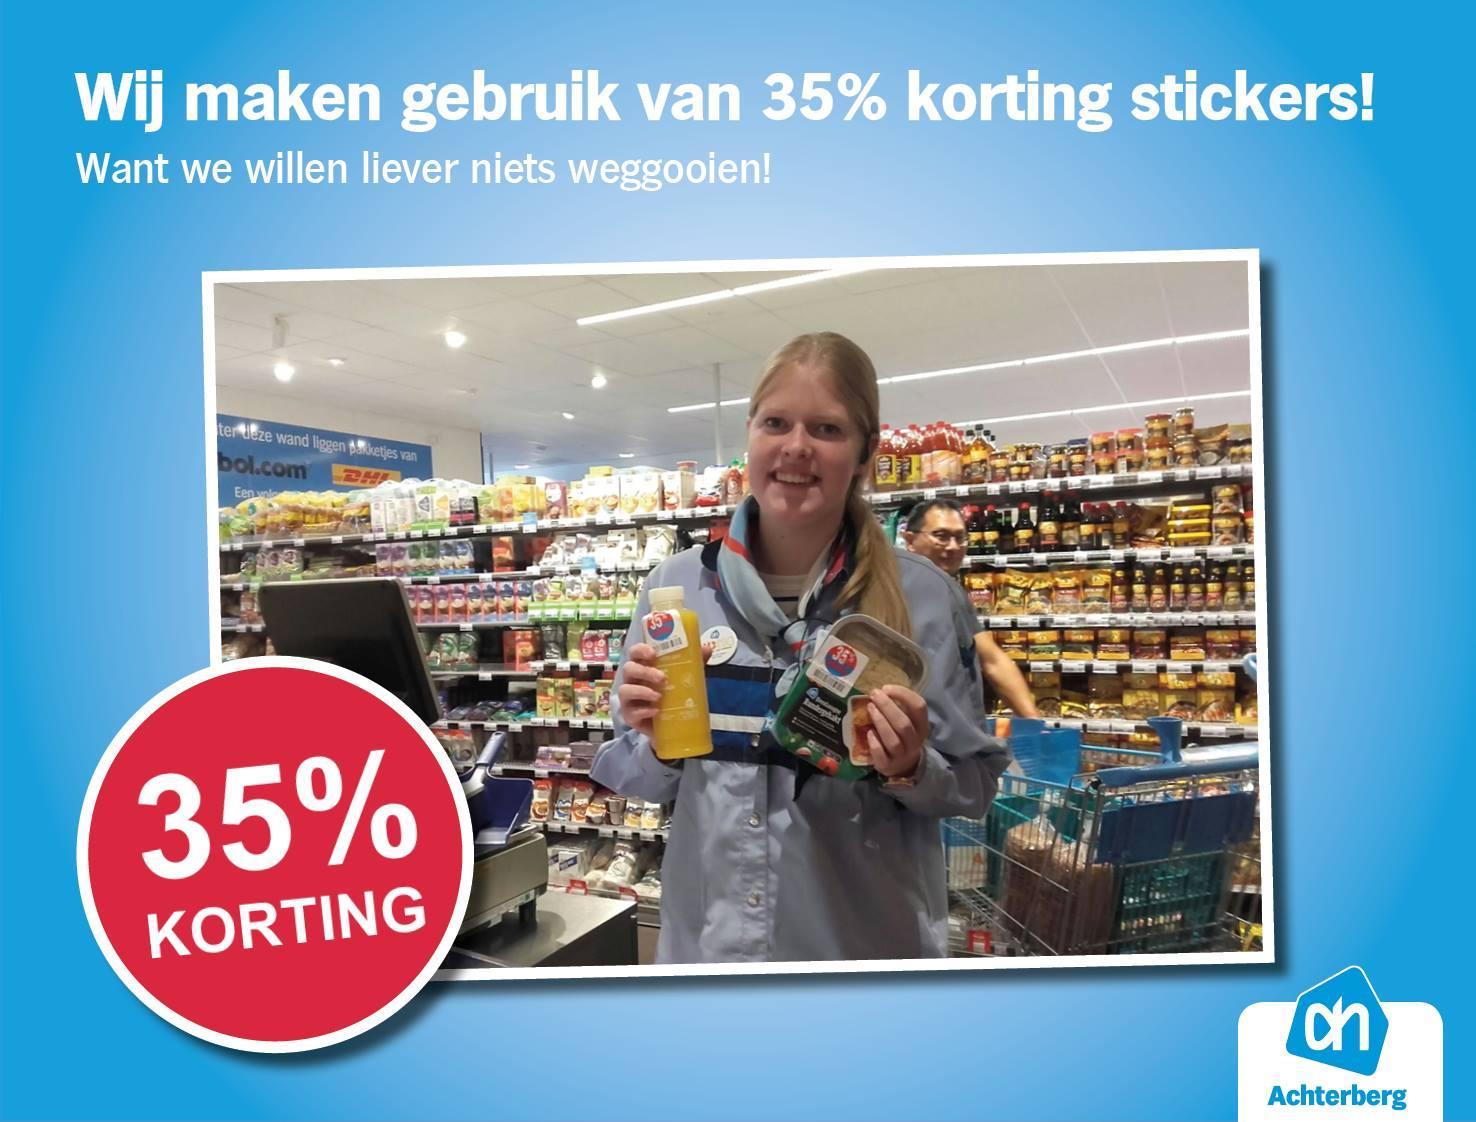 Wij maken gebruik van 35% korting stickers!